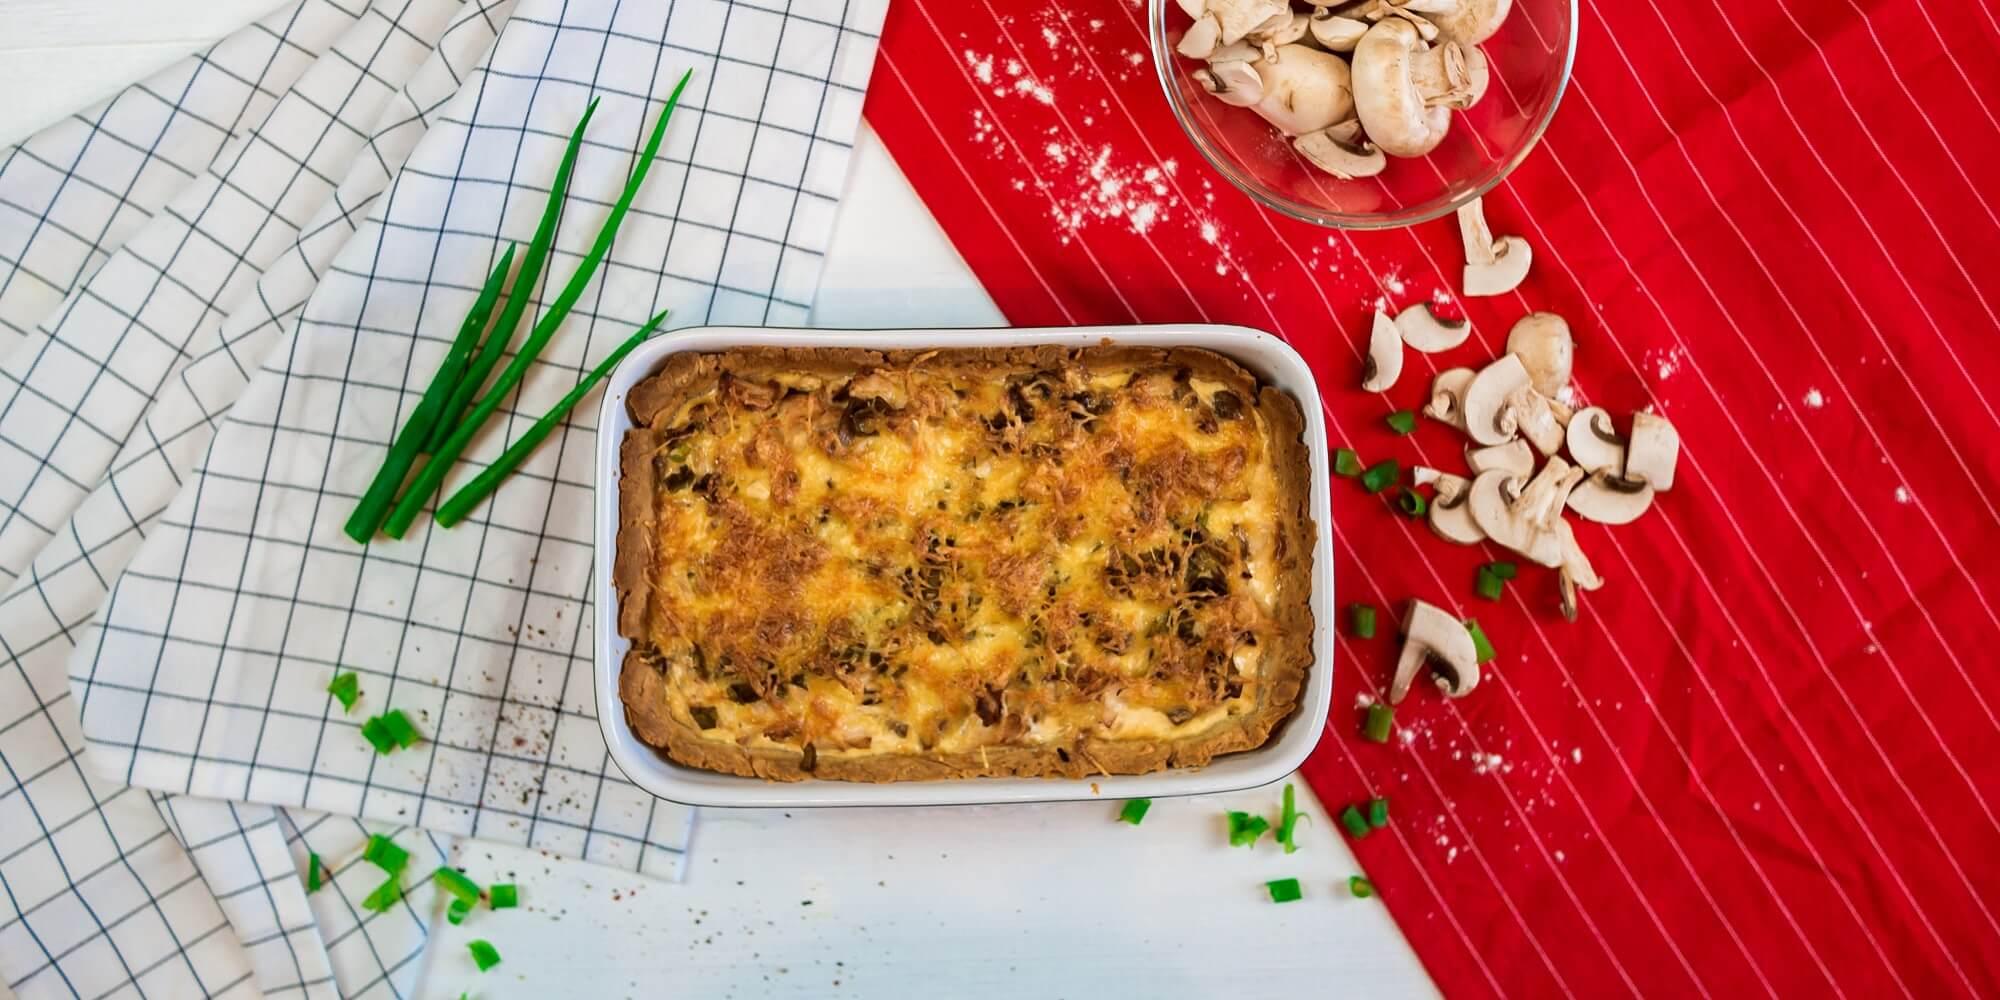 Киш с курицей и грибами: пошаговый рецепт французского пирога с фото